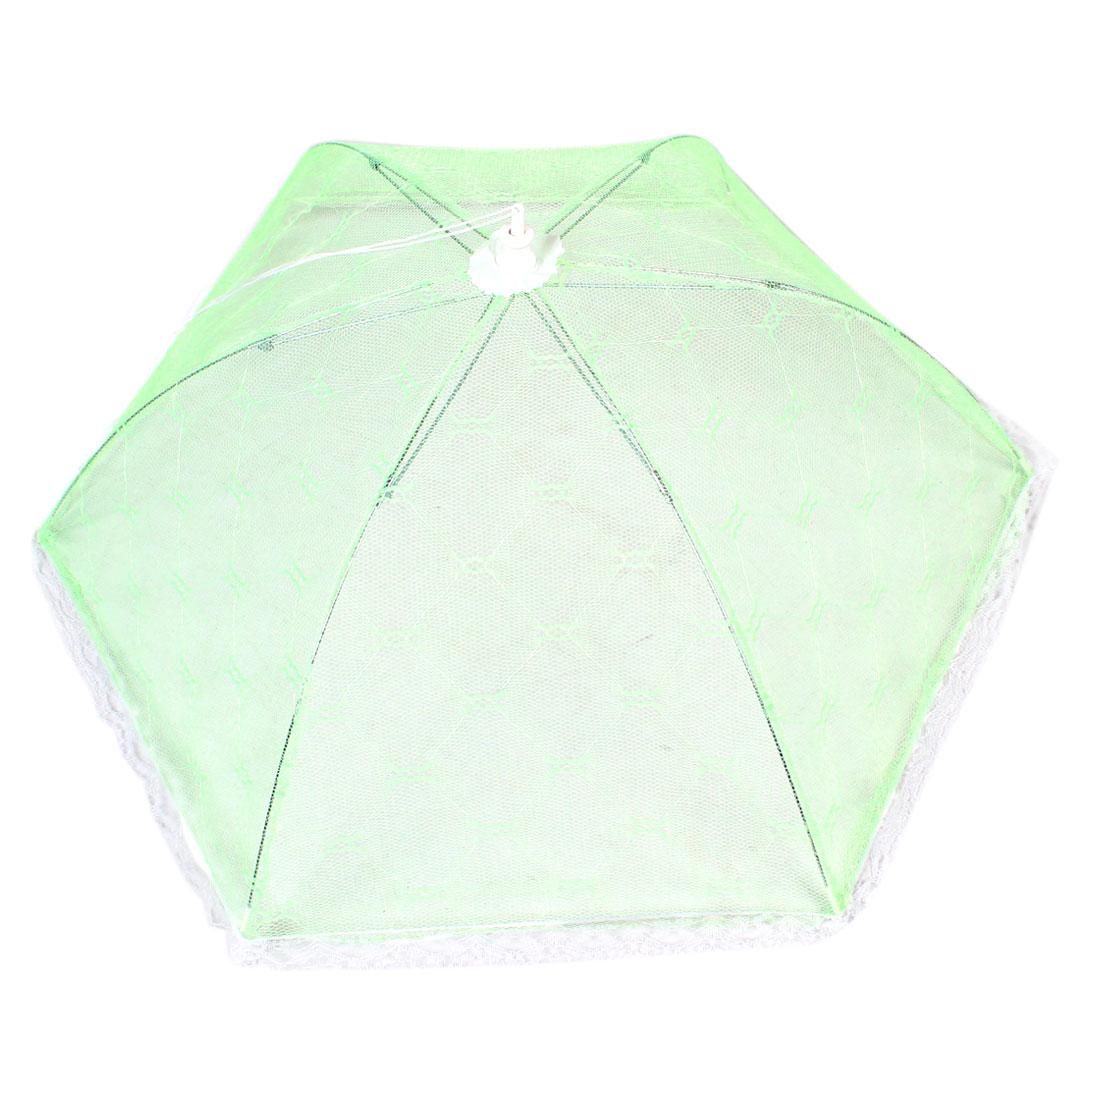 White Lace Trim Light Green Nylon Mesh Foldable Dish Food Cover Umbrella